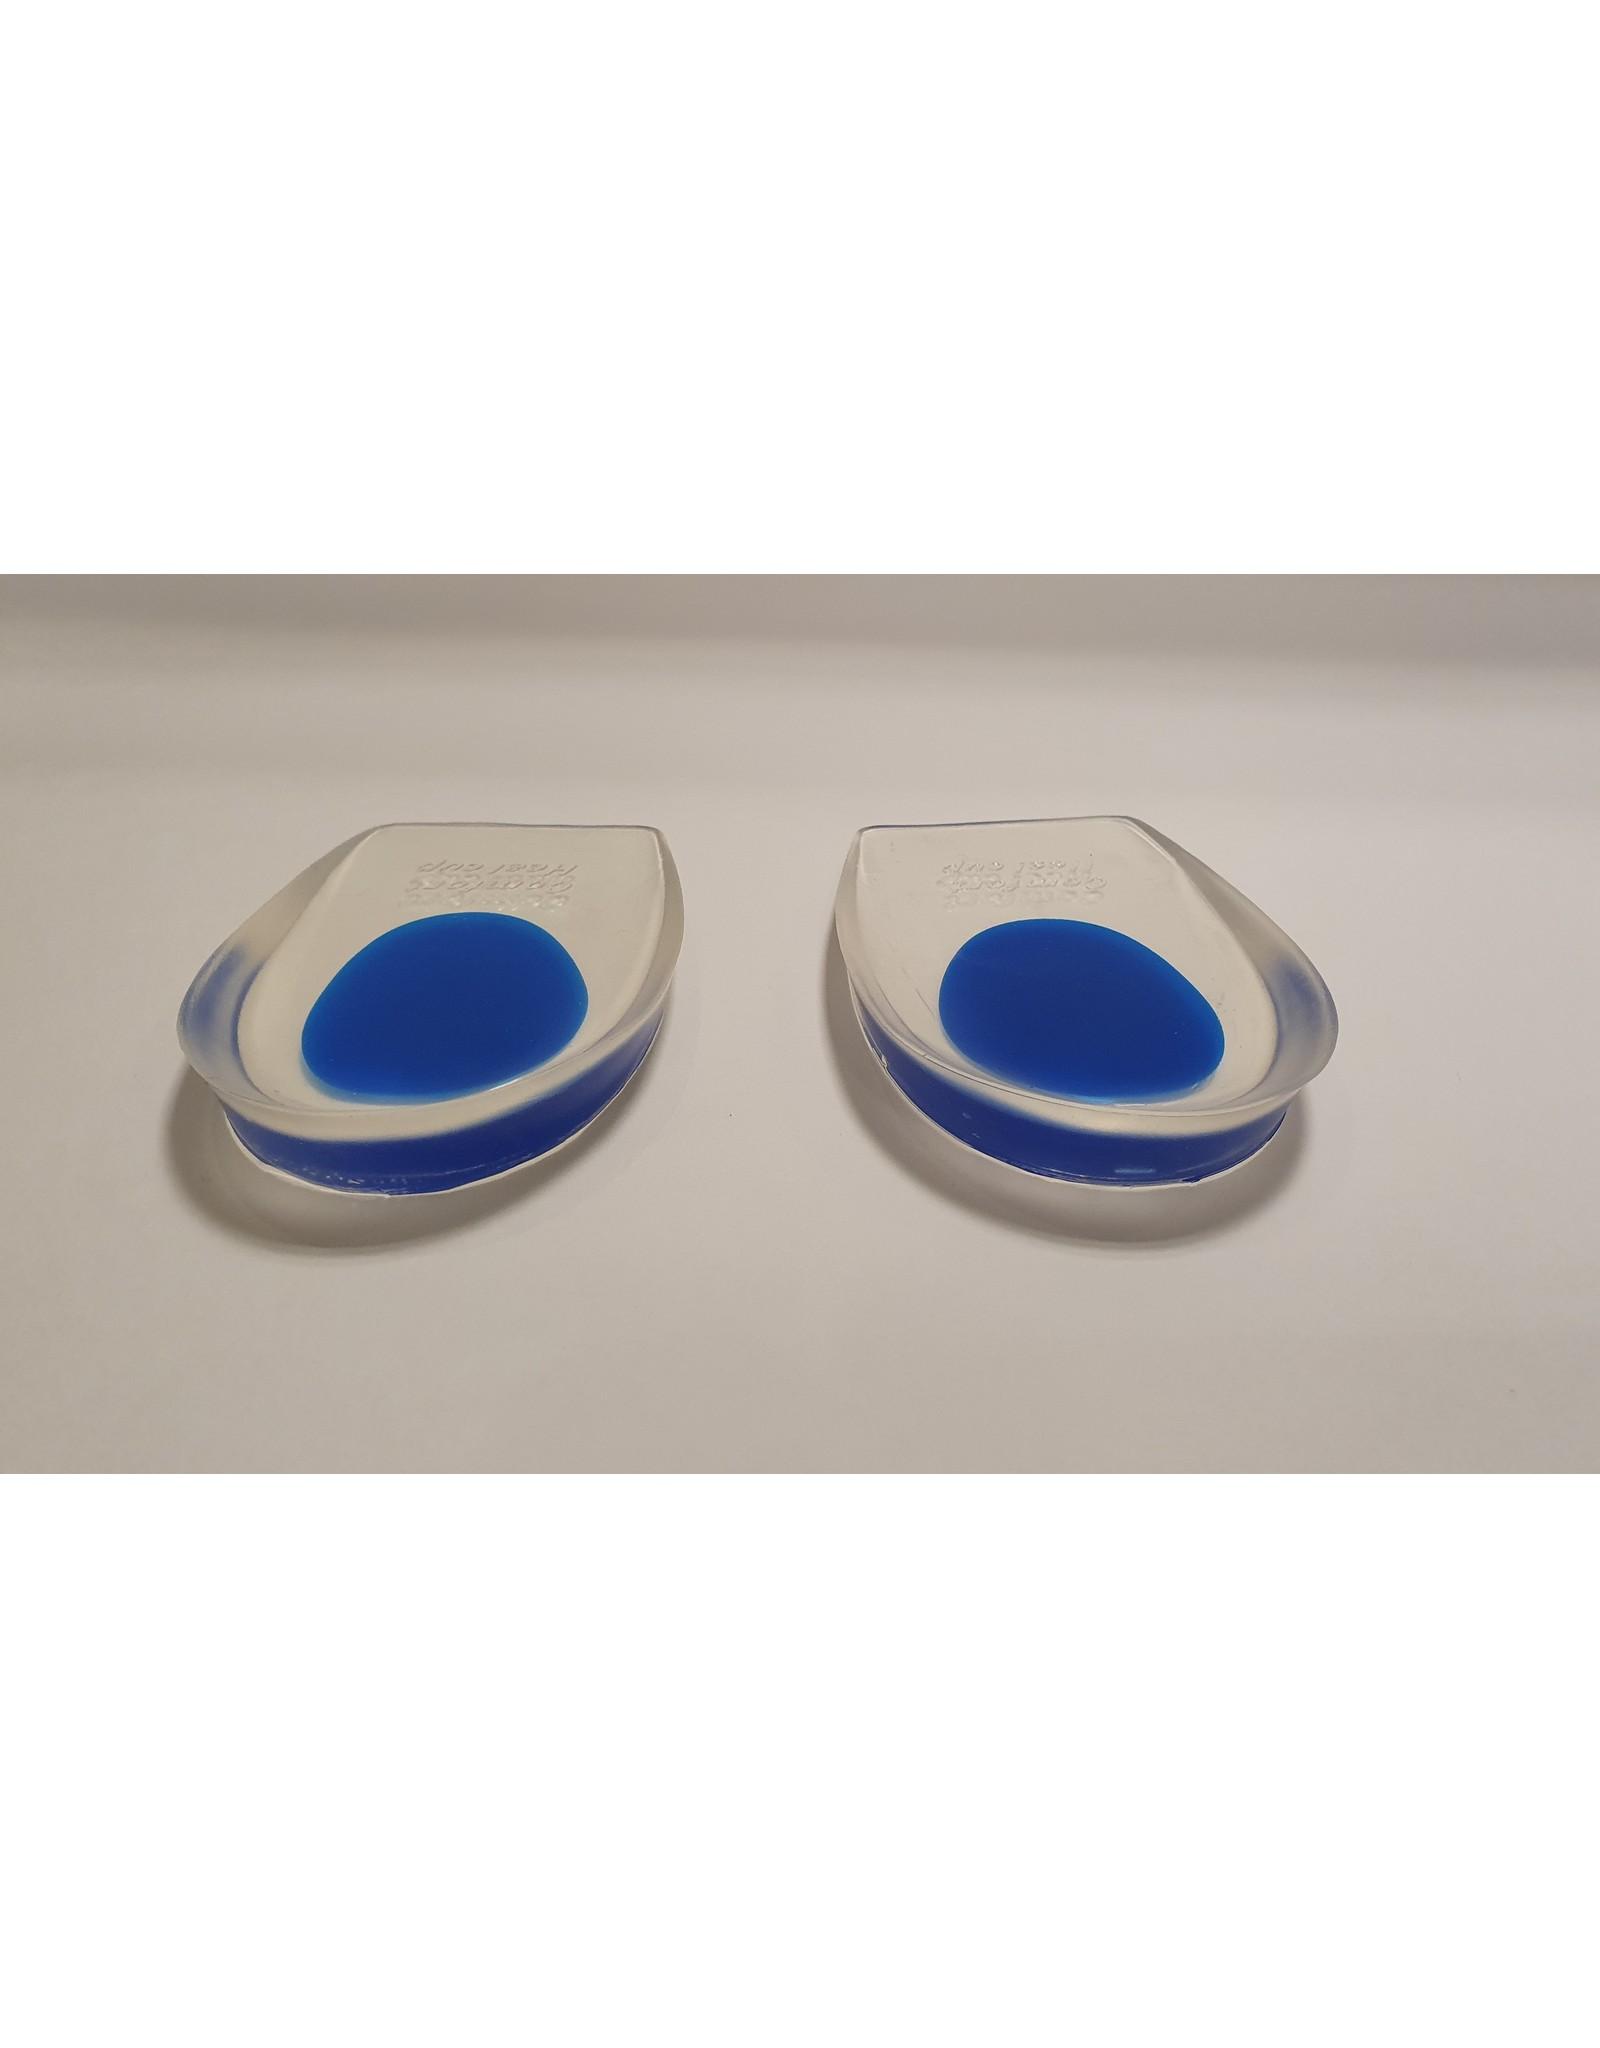 Halve Gel hakjes/zooltjes met softspot blauw (breed)